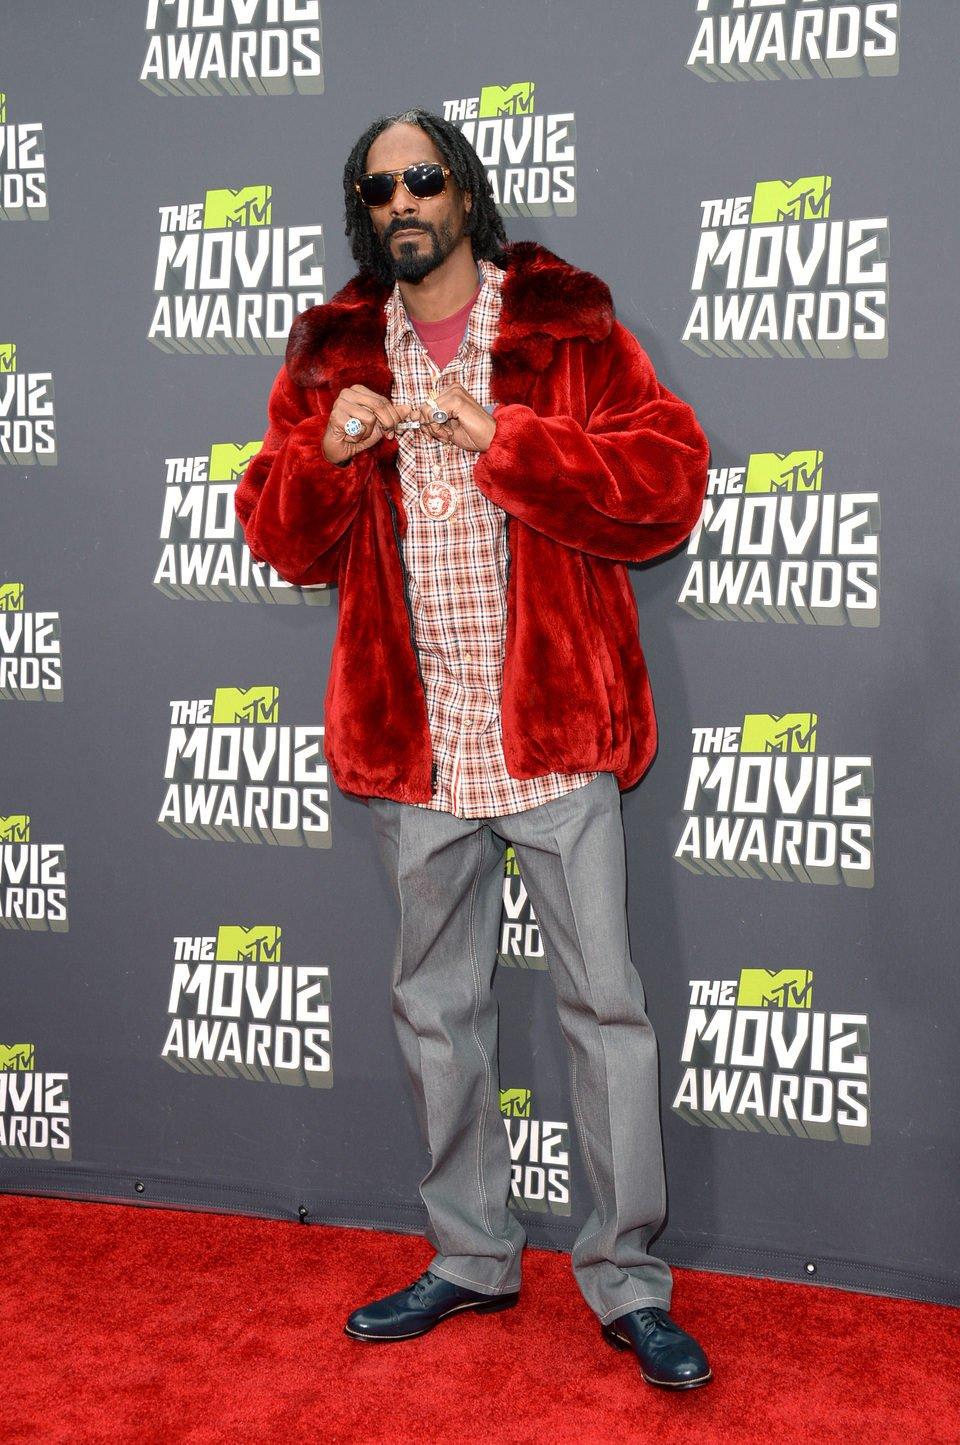 El rapero Snoop Dogg en la alfombra roja de la entrega de los MTV Movie Awards 2013